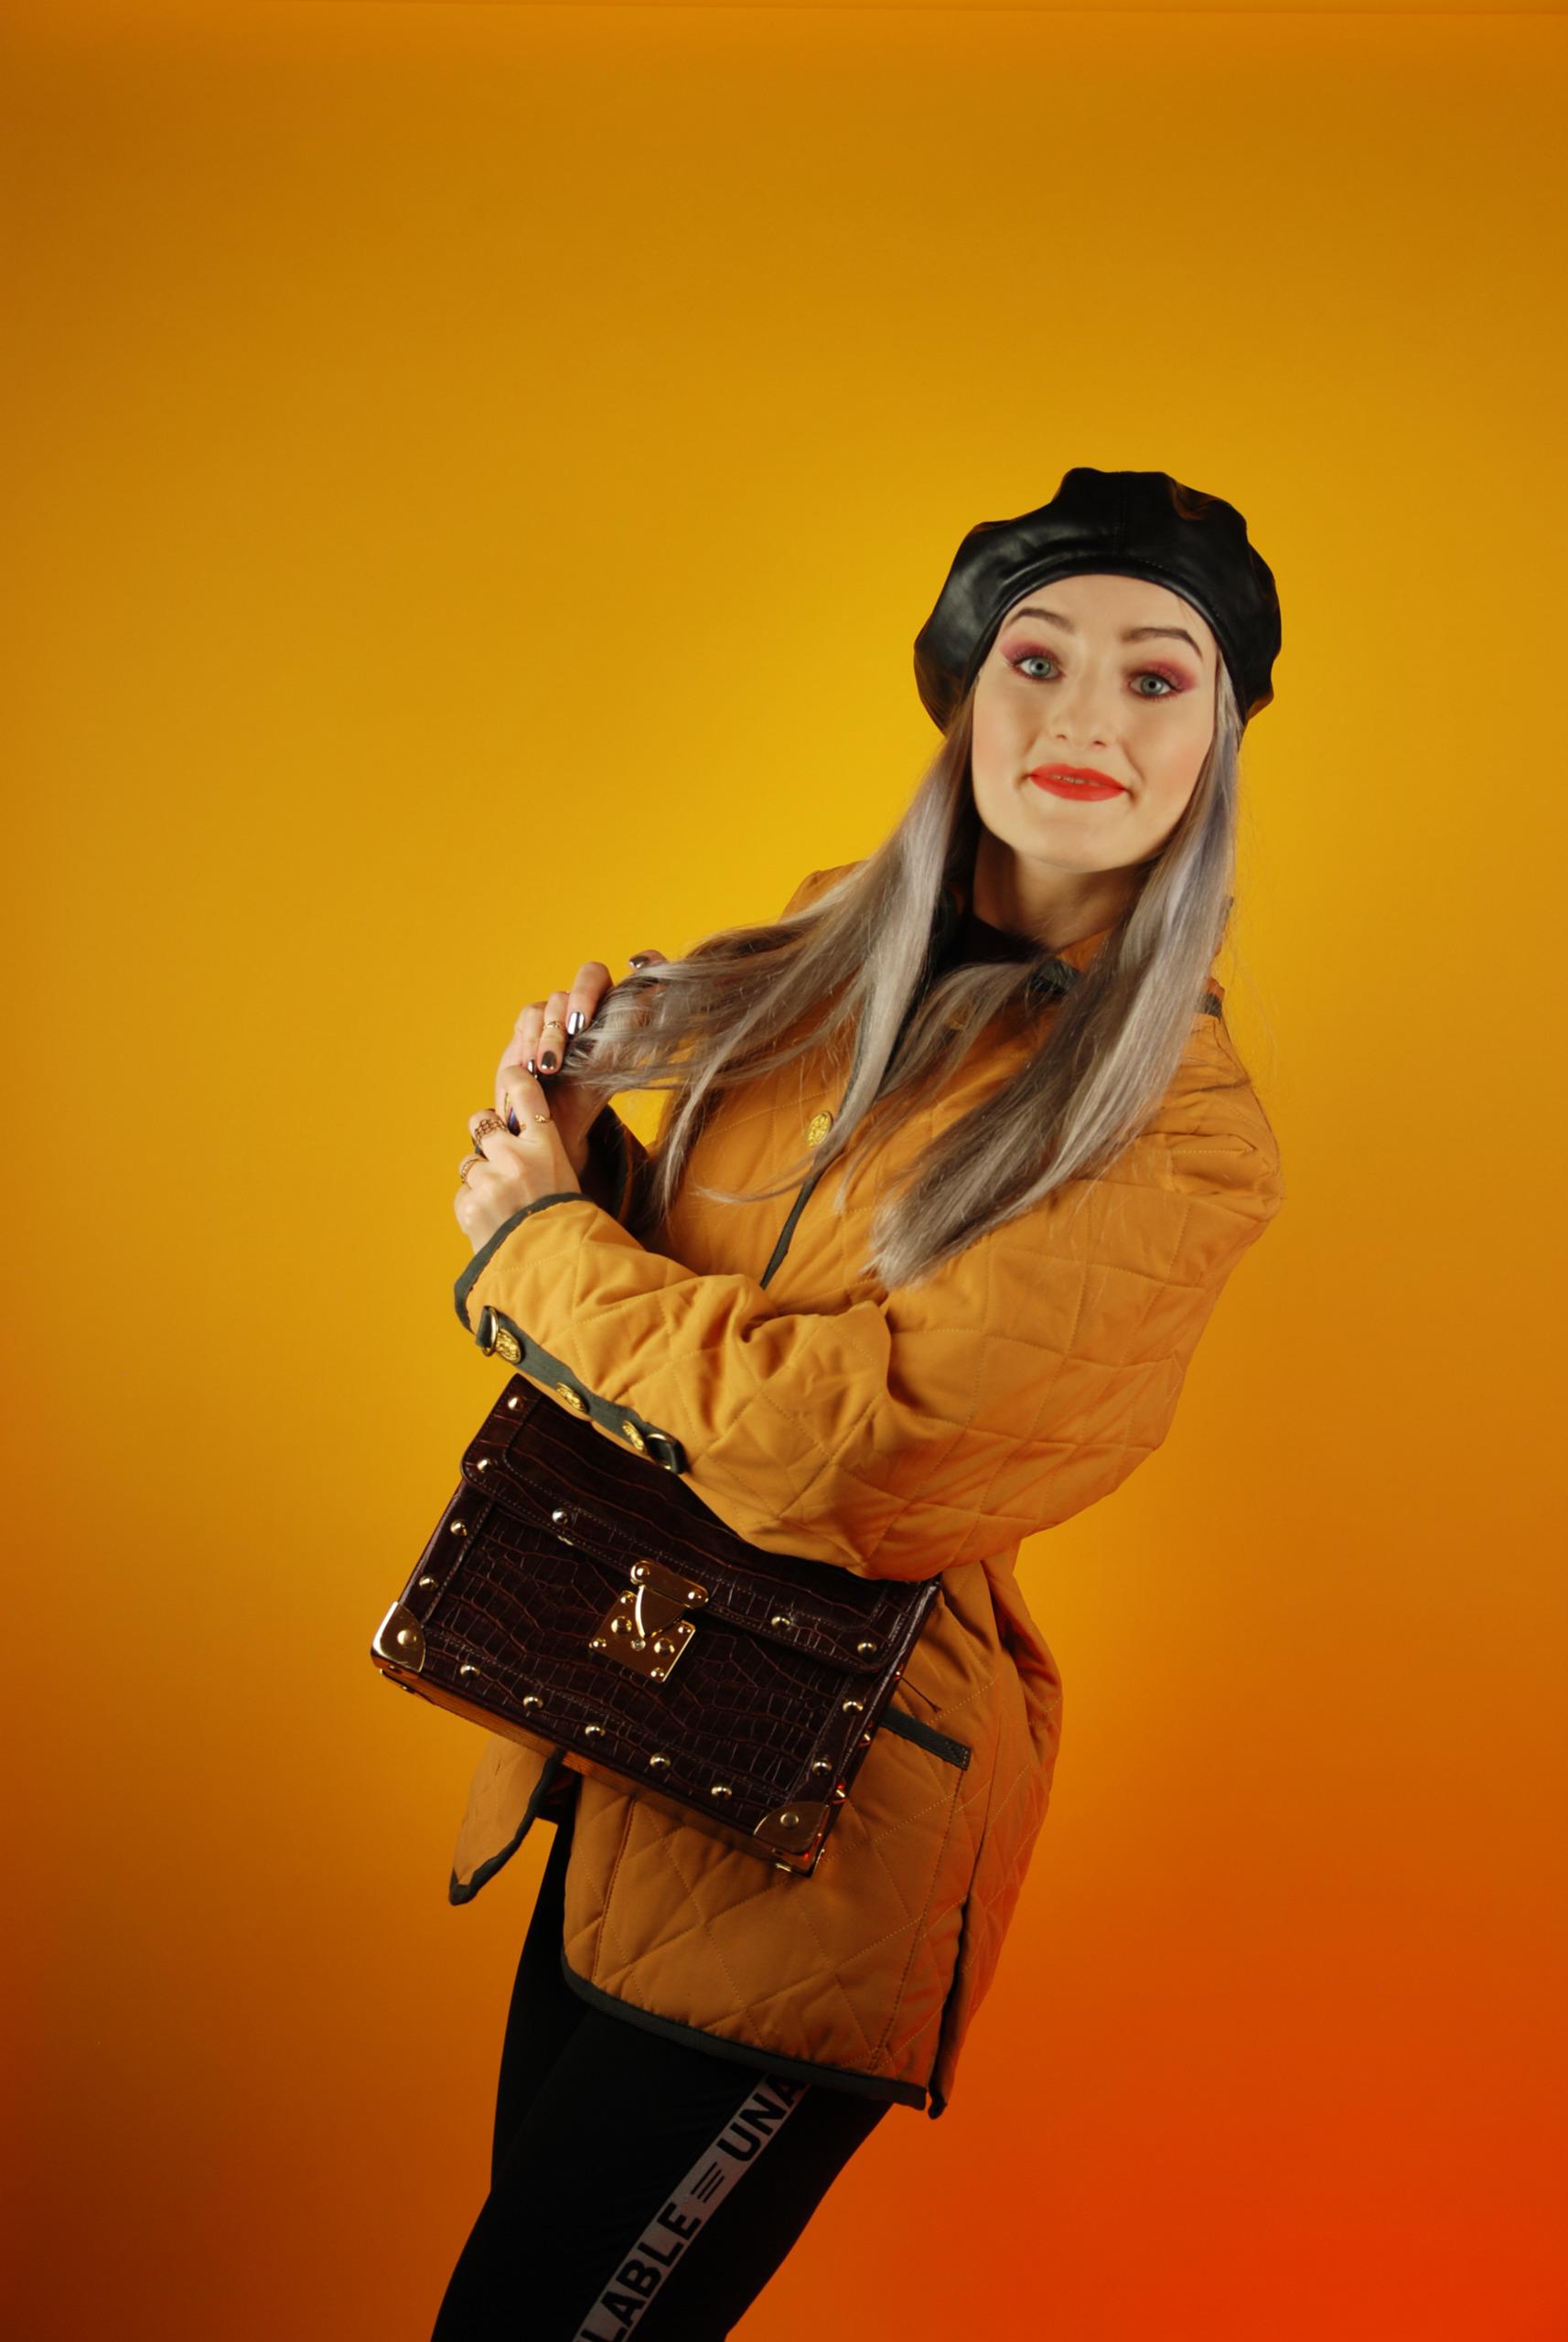 Zdjęcie przedstawia młodą, uśmiechniętą kobietę ubraną w żółtą pikowaną kurtkę. Kobieta ma czarny beret na głowie, brązową torebkę i jasnoszare włosy, całość na żółtym tle.